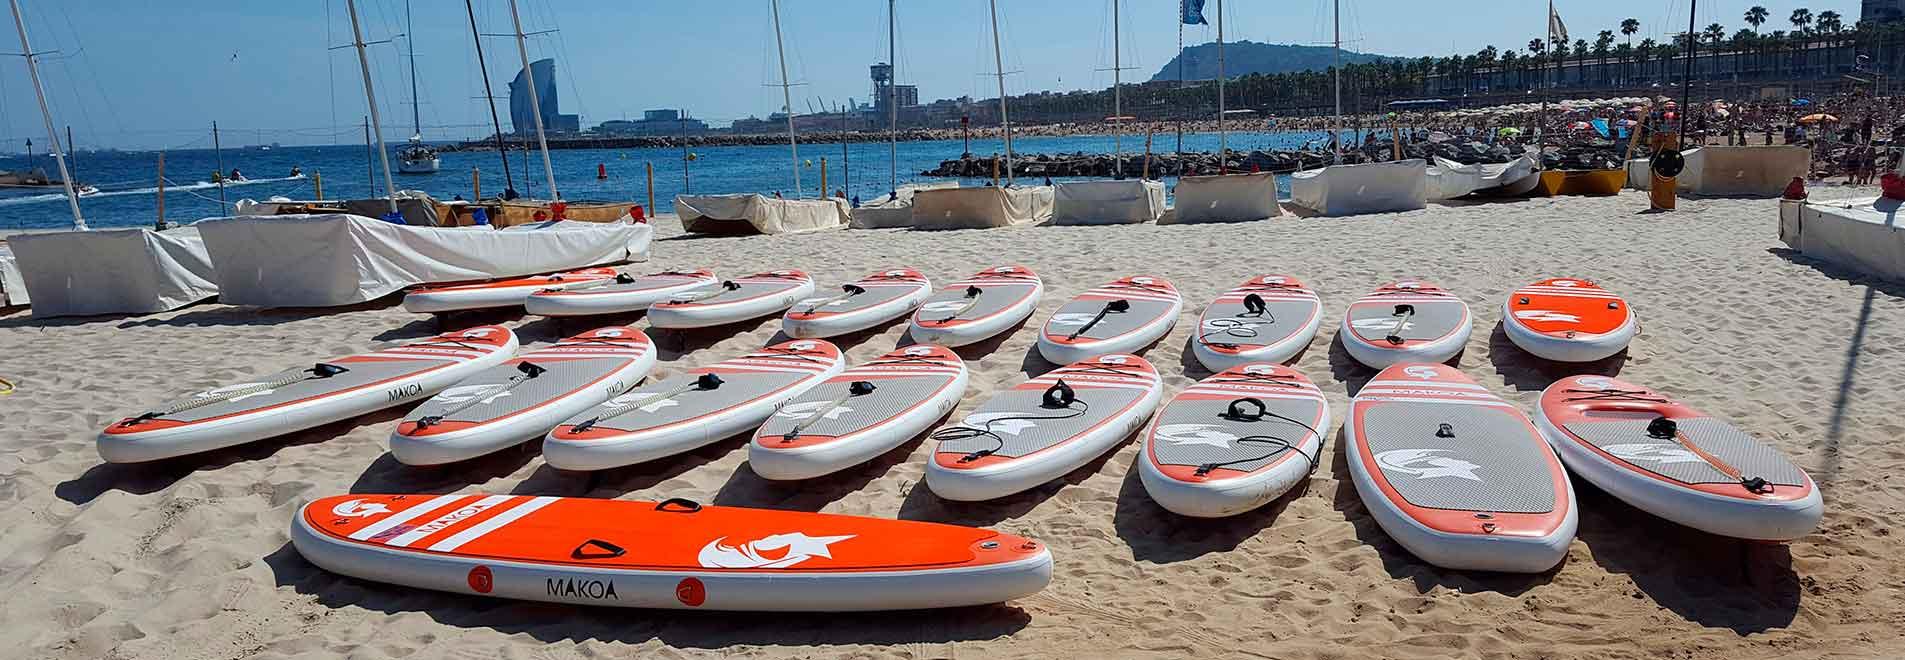 Clases de Paddle Surf Barcelona